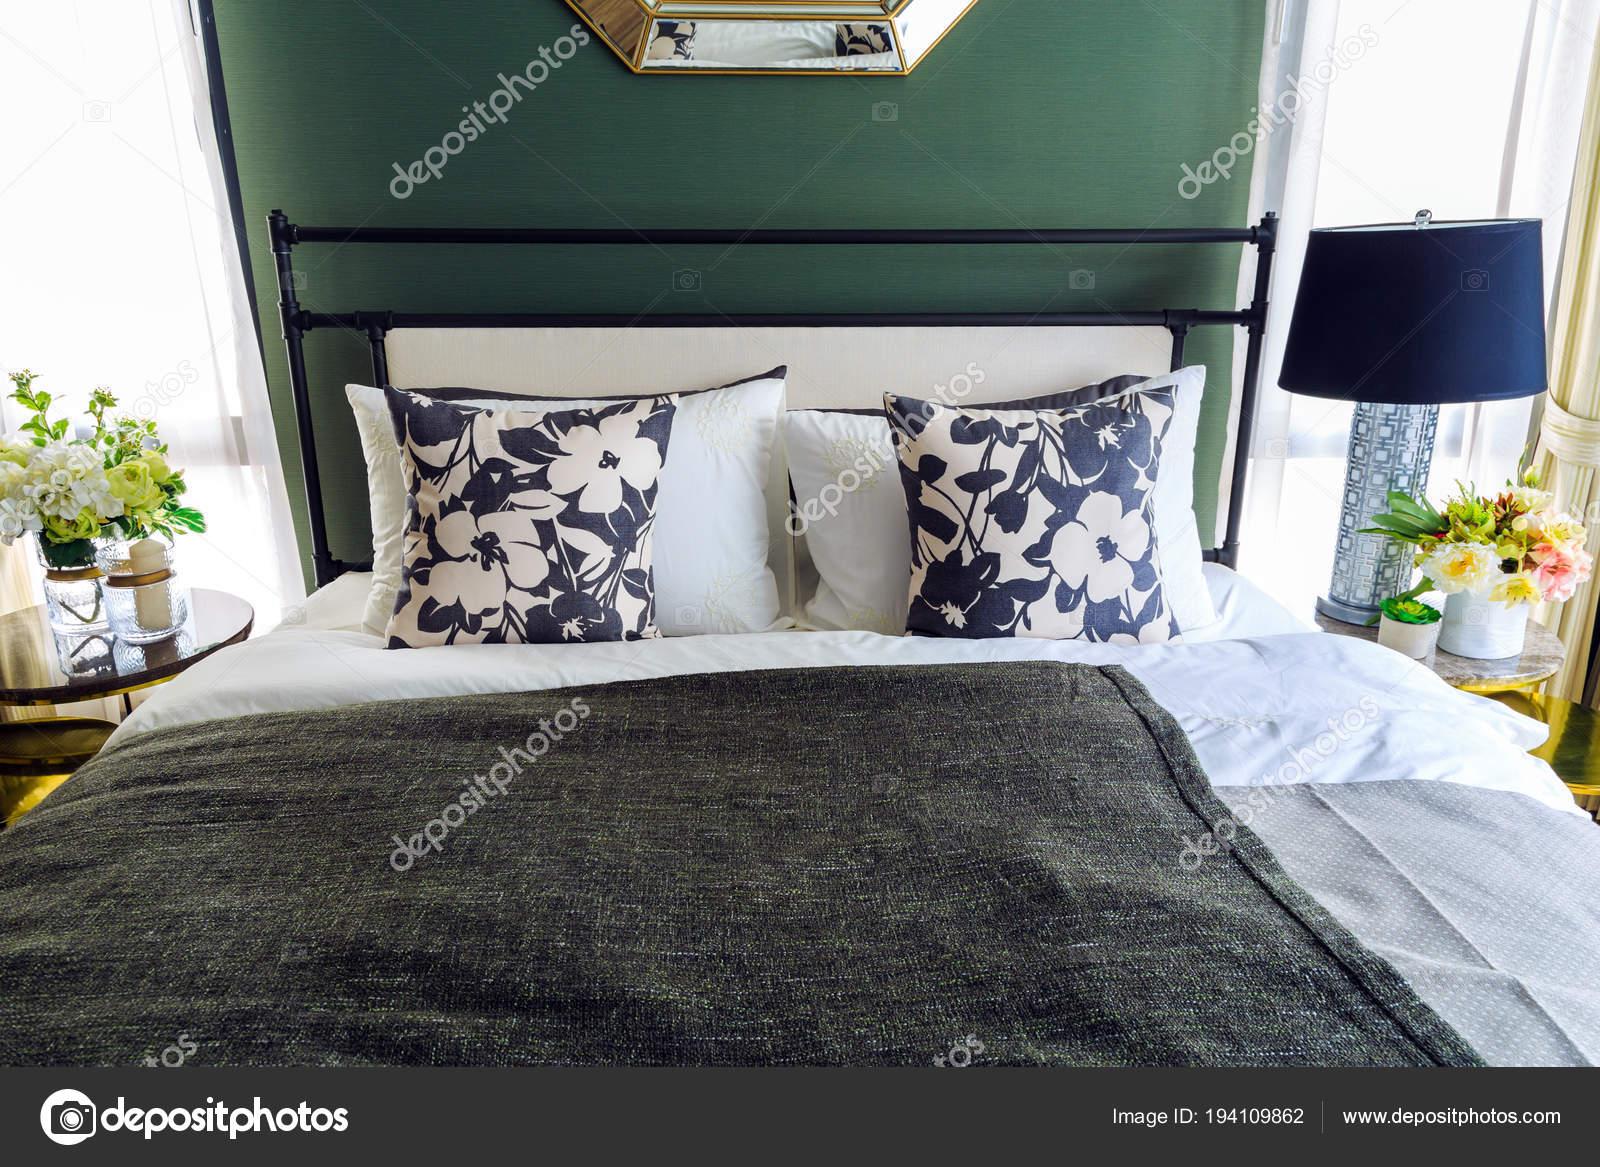 Camera Da Letto Verde E Nera : Un fiore fantasia cuscini sul letto con coperta nera e lam u foto